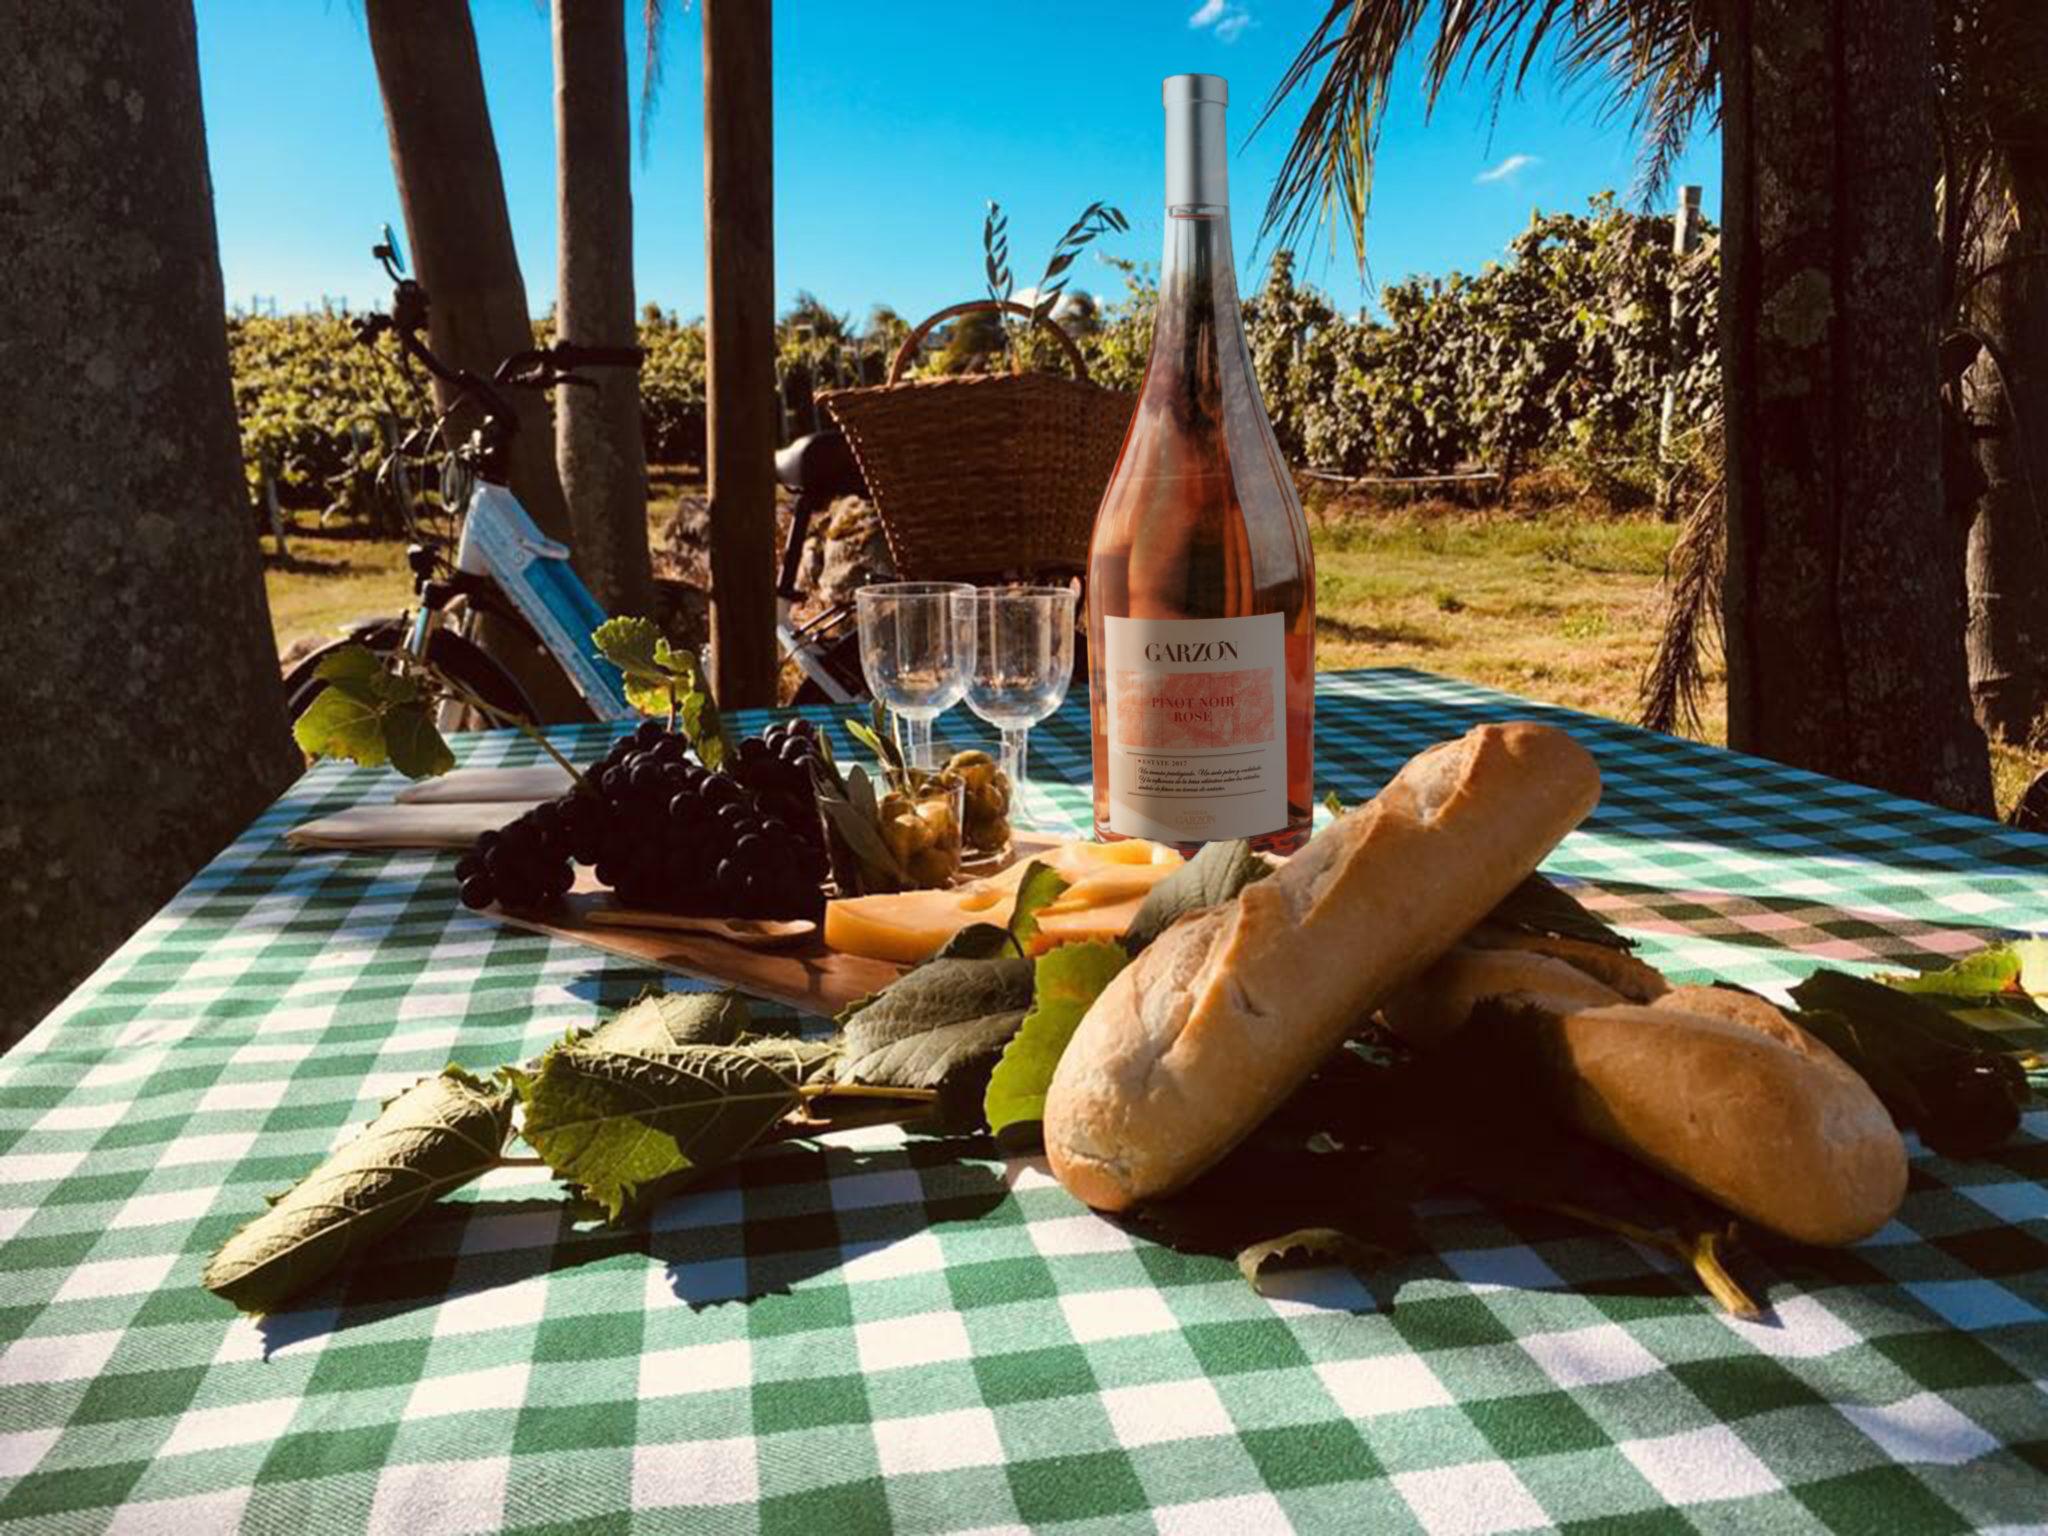 Disfrute de un pícnic entre los viñedos y un recorrido caminando o en bicicleta